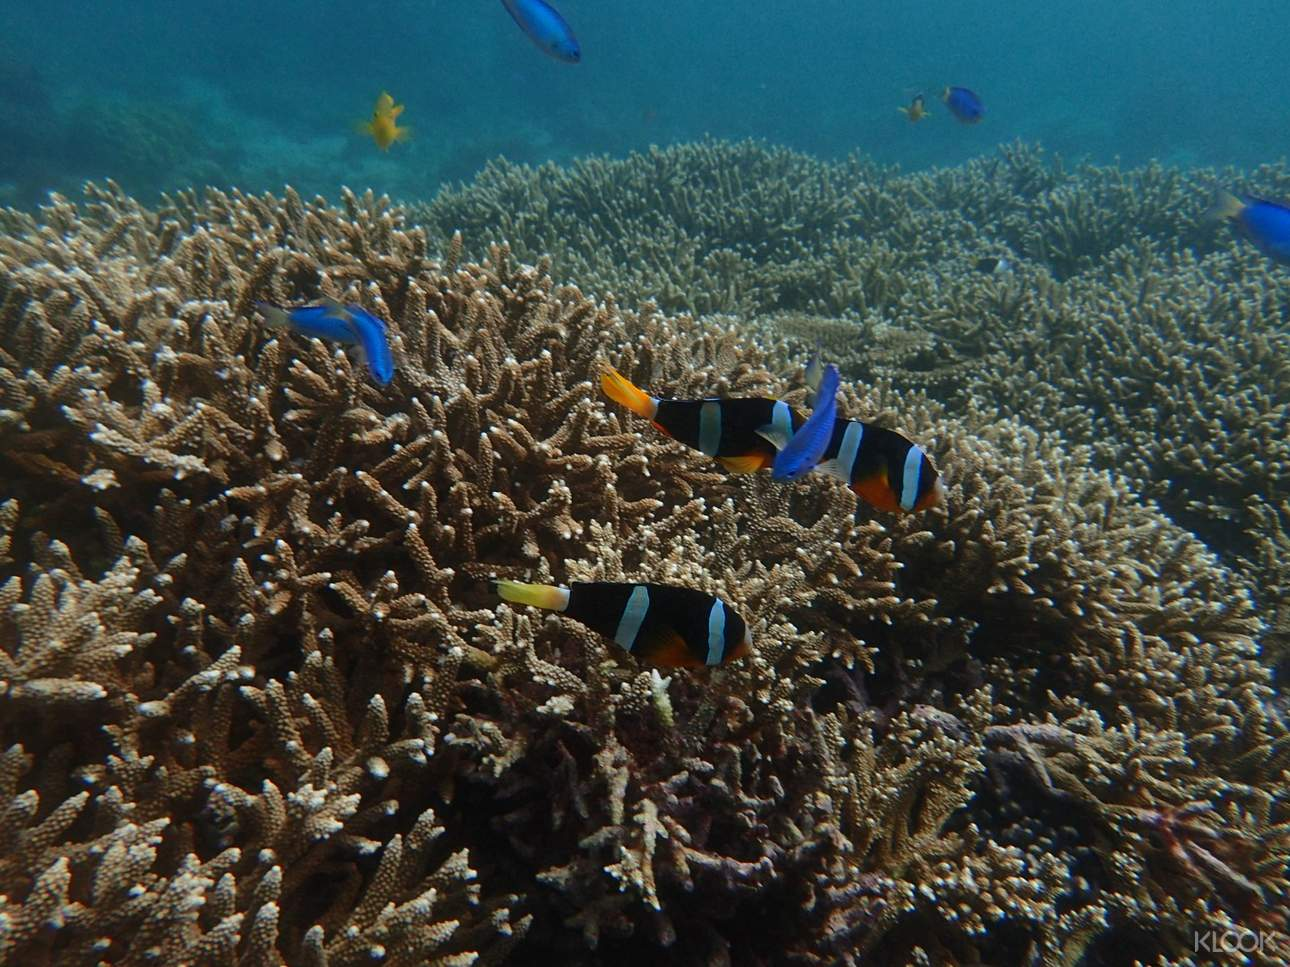 一睹不一樣的海底世界,感受色彩繽紛的海洋